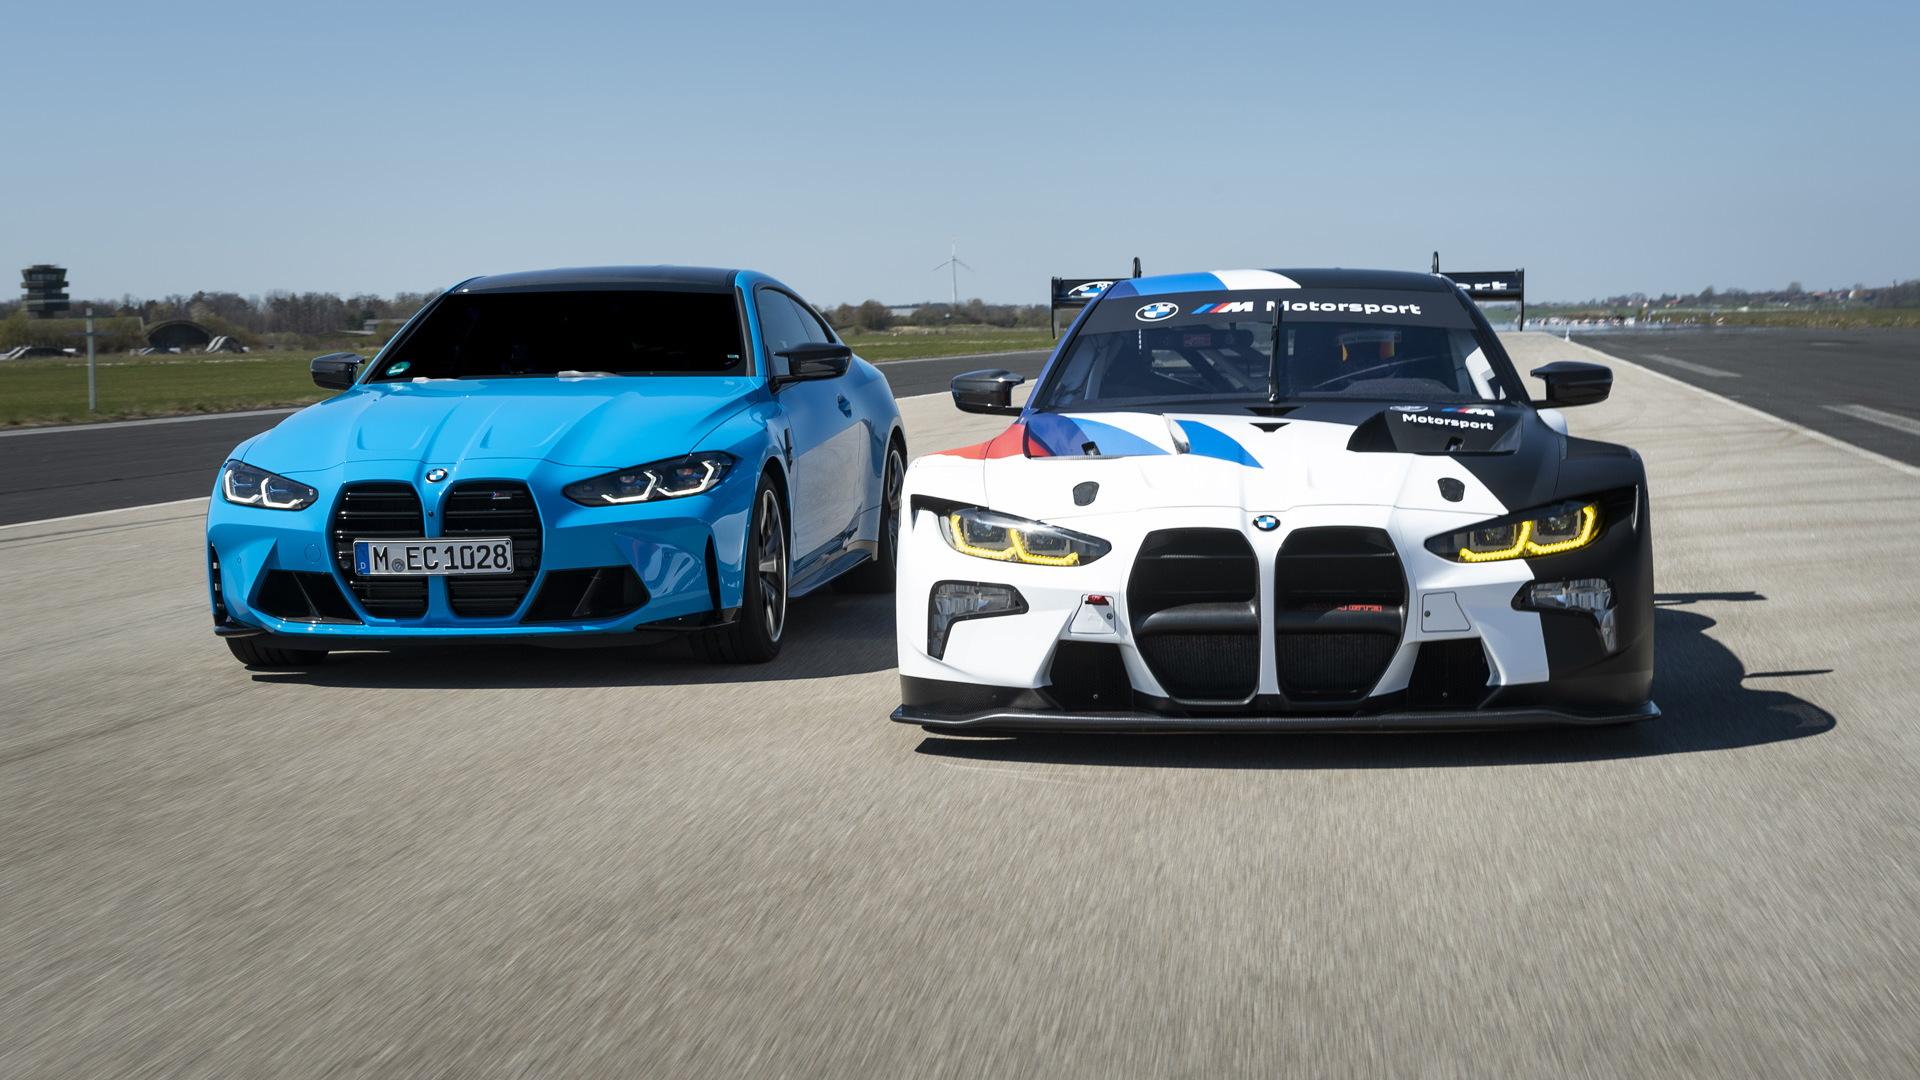 2022 BMW M4 GT3 race car